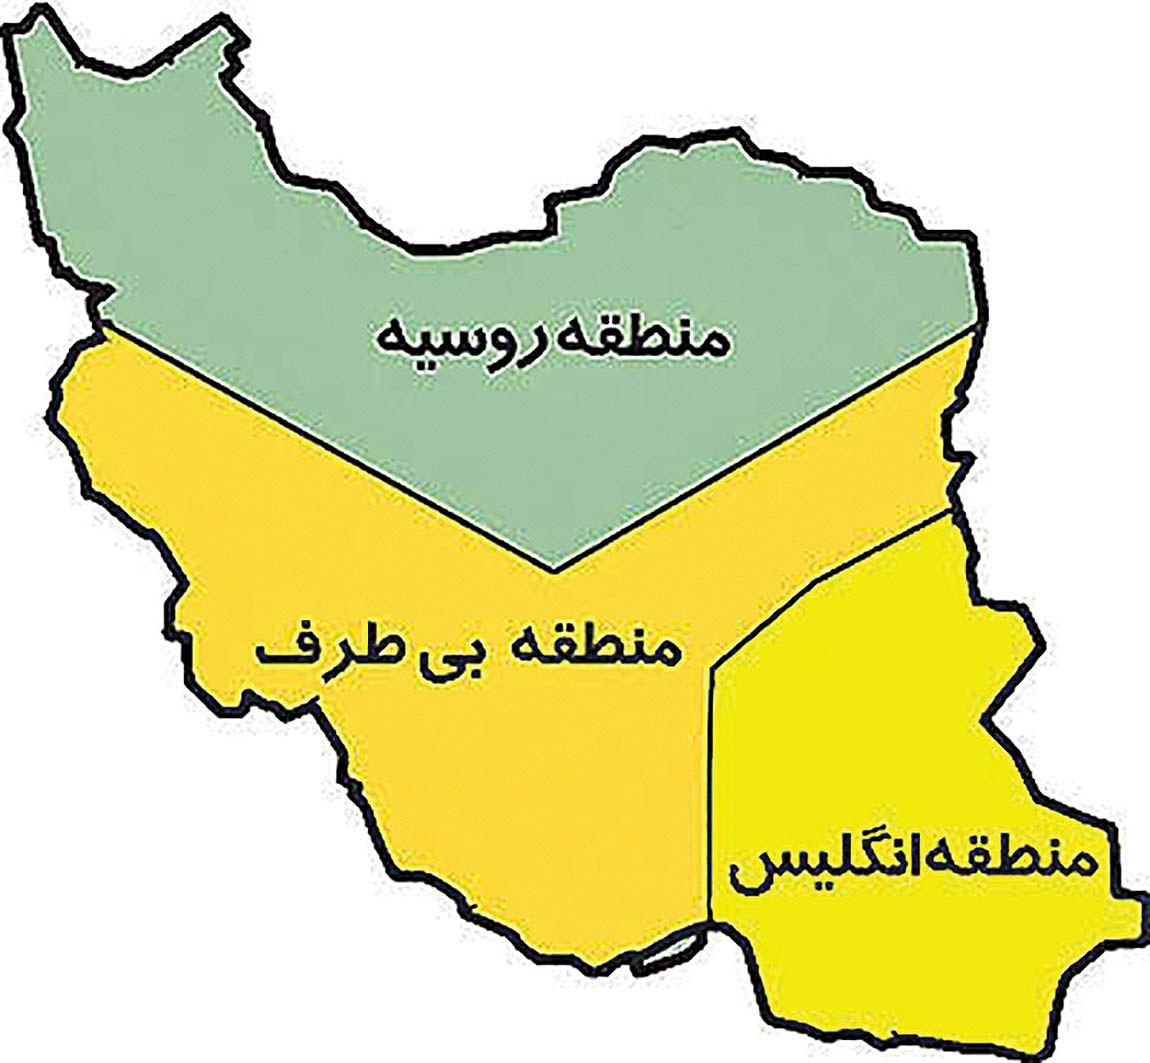 برنامه روسیه و انگلیس برای تقسیم ایران